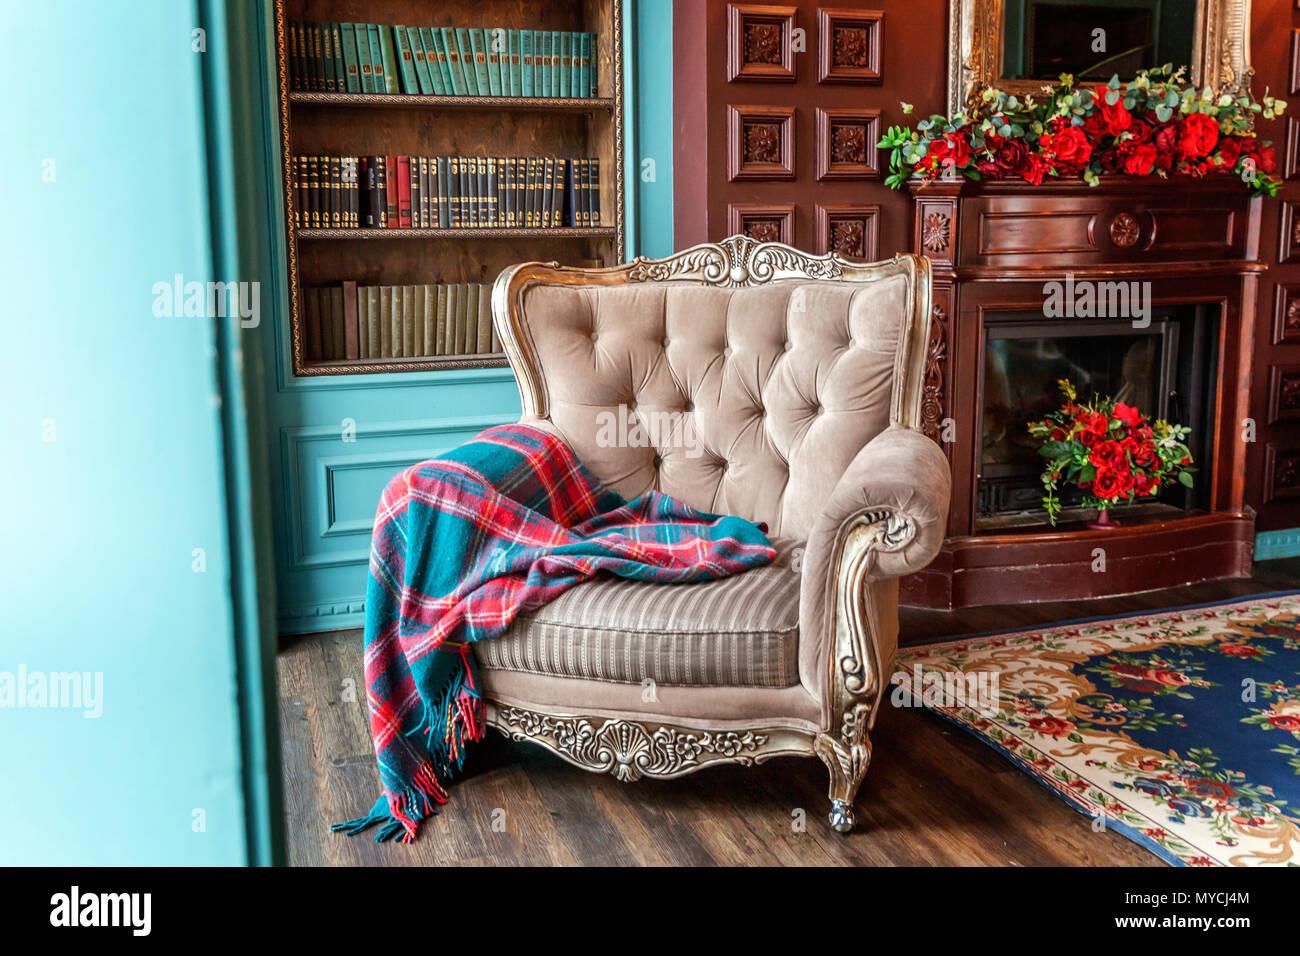 Luxus Klassisches Interieur Home Bibliothek. Wohnzimmer Mit Bücherregal,  Bücher, Sessel, Sofa Und Kamin. Sauber Und Modern Eingerichtet Mit  Eleganten F